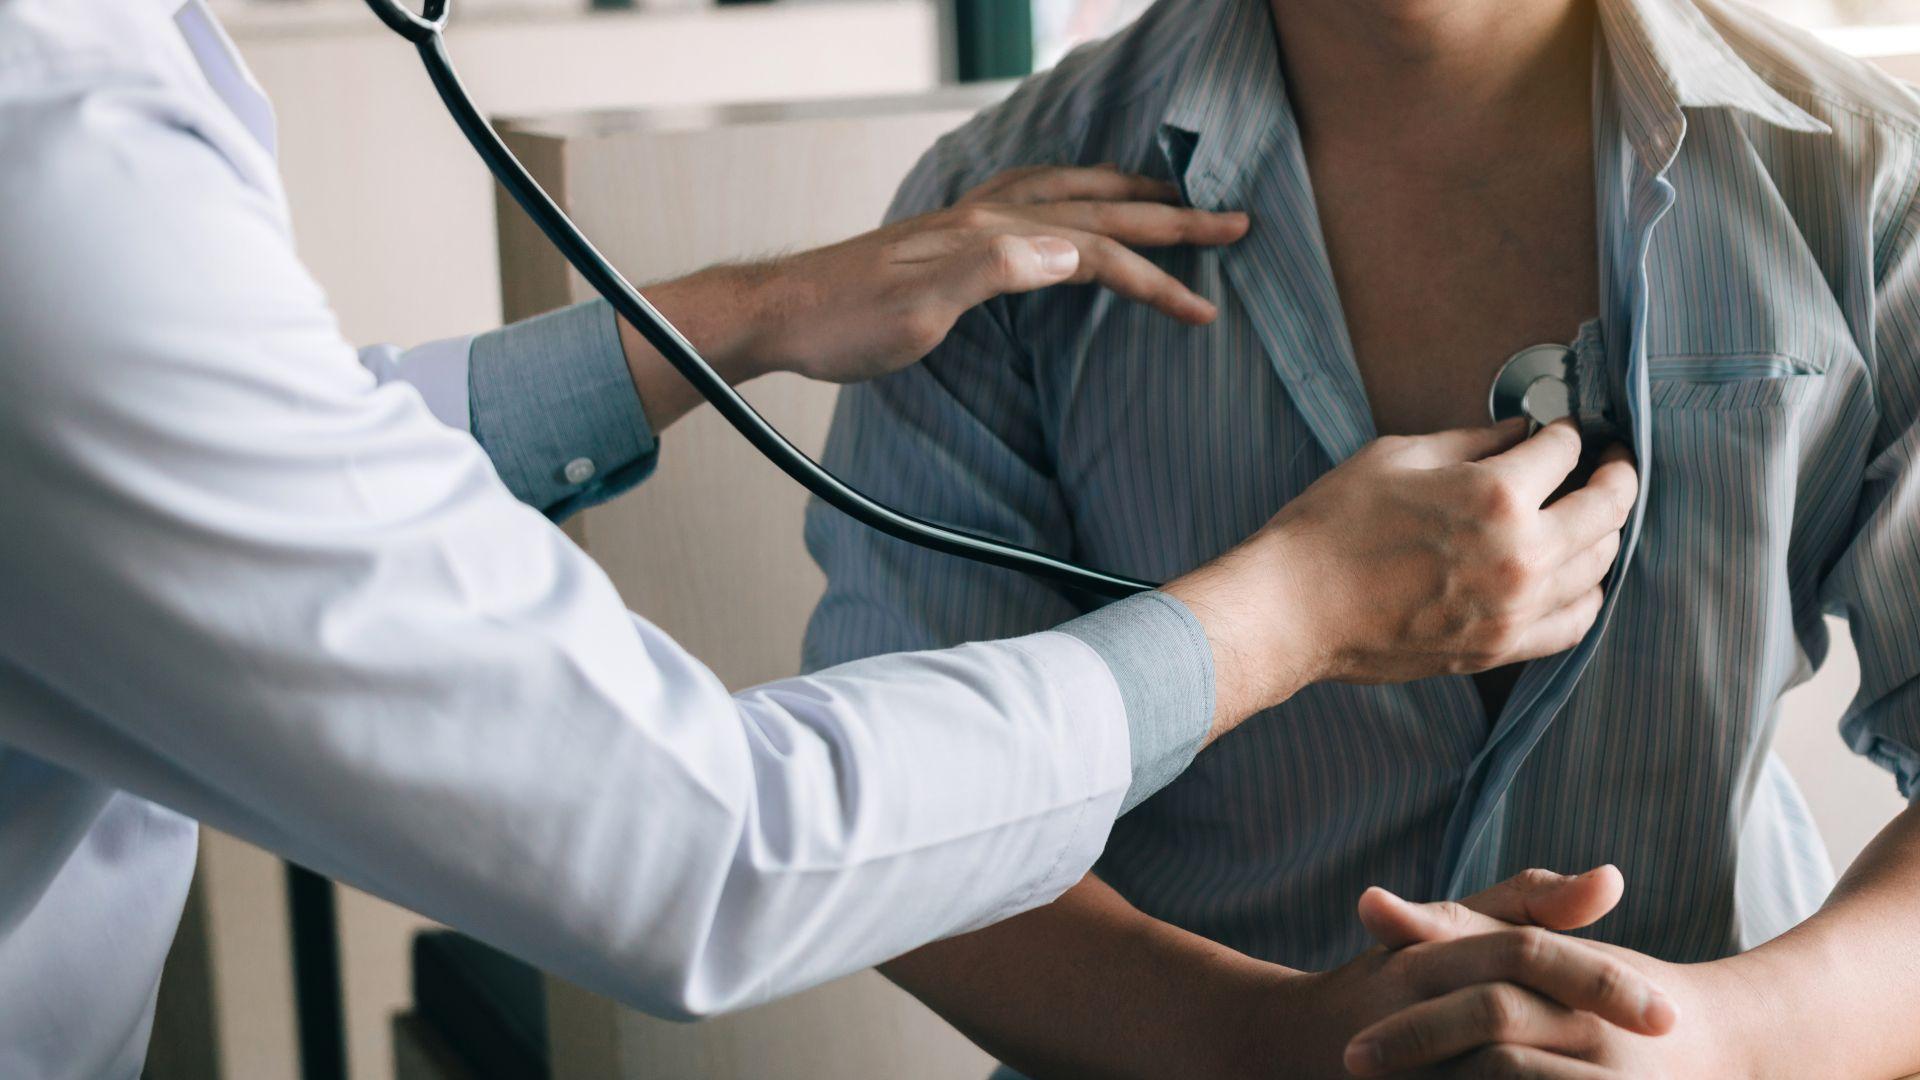 Д-р Стойчо Кацаров: Трябва да се преоцени забраната за профилактични прегледи